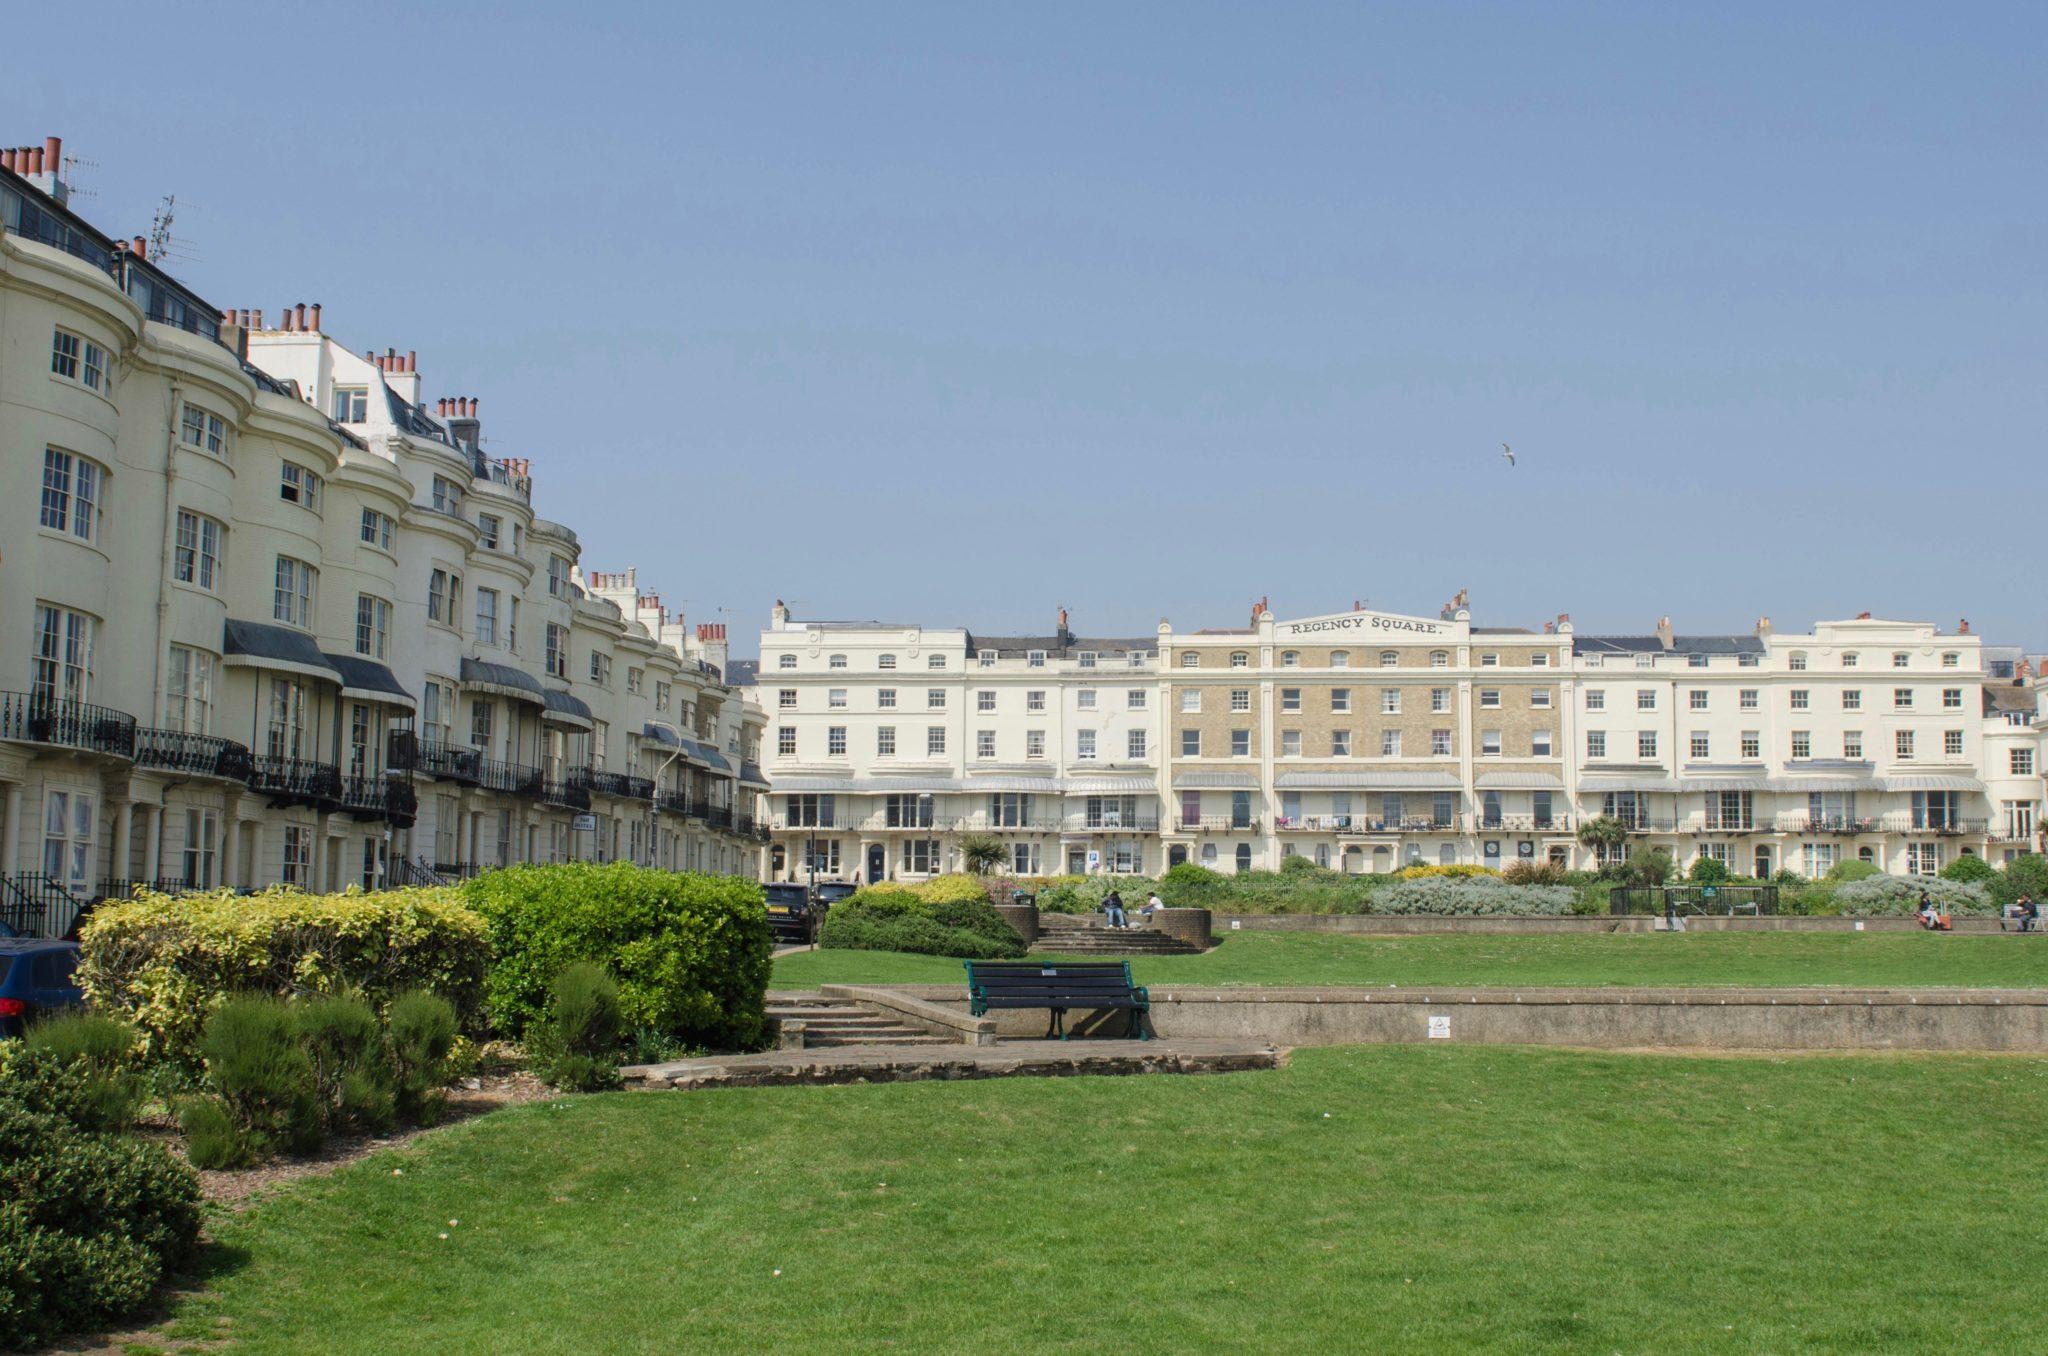 Der Regency Square in Brighton ist die kleine grüne Lunge der britischen Küstenstadt.